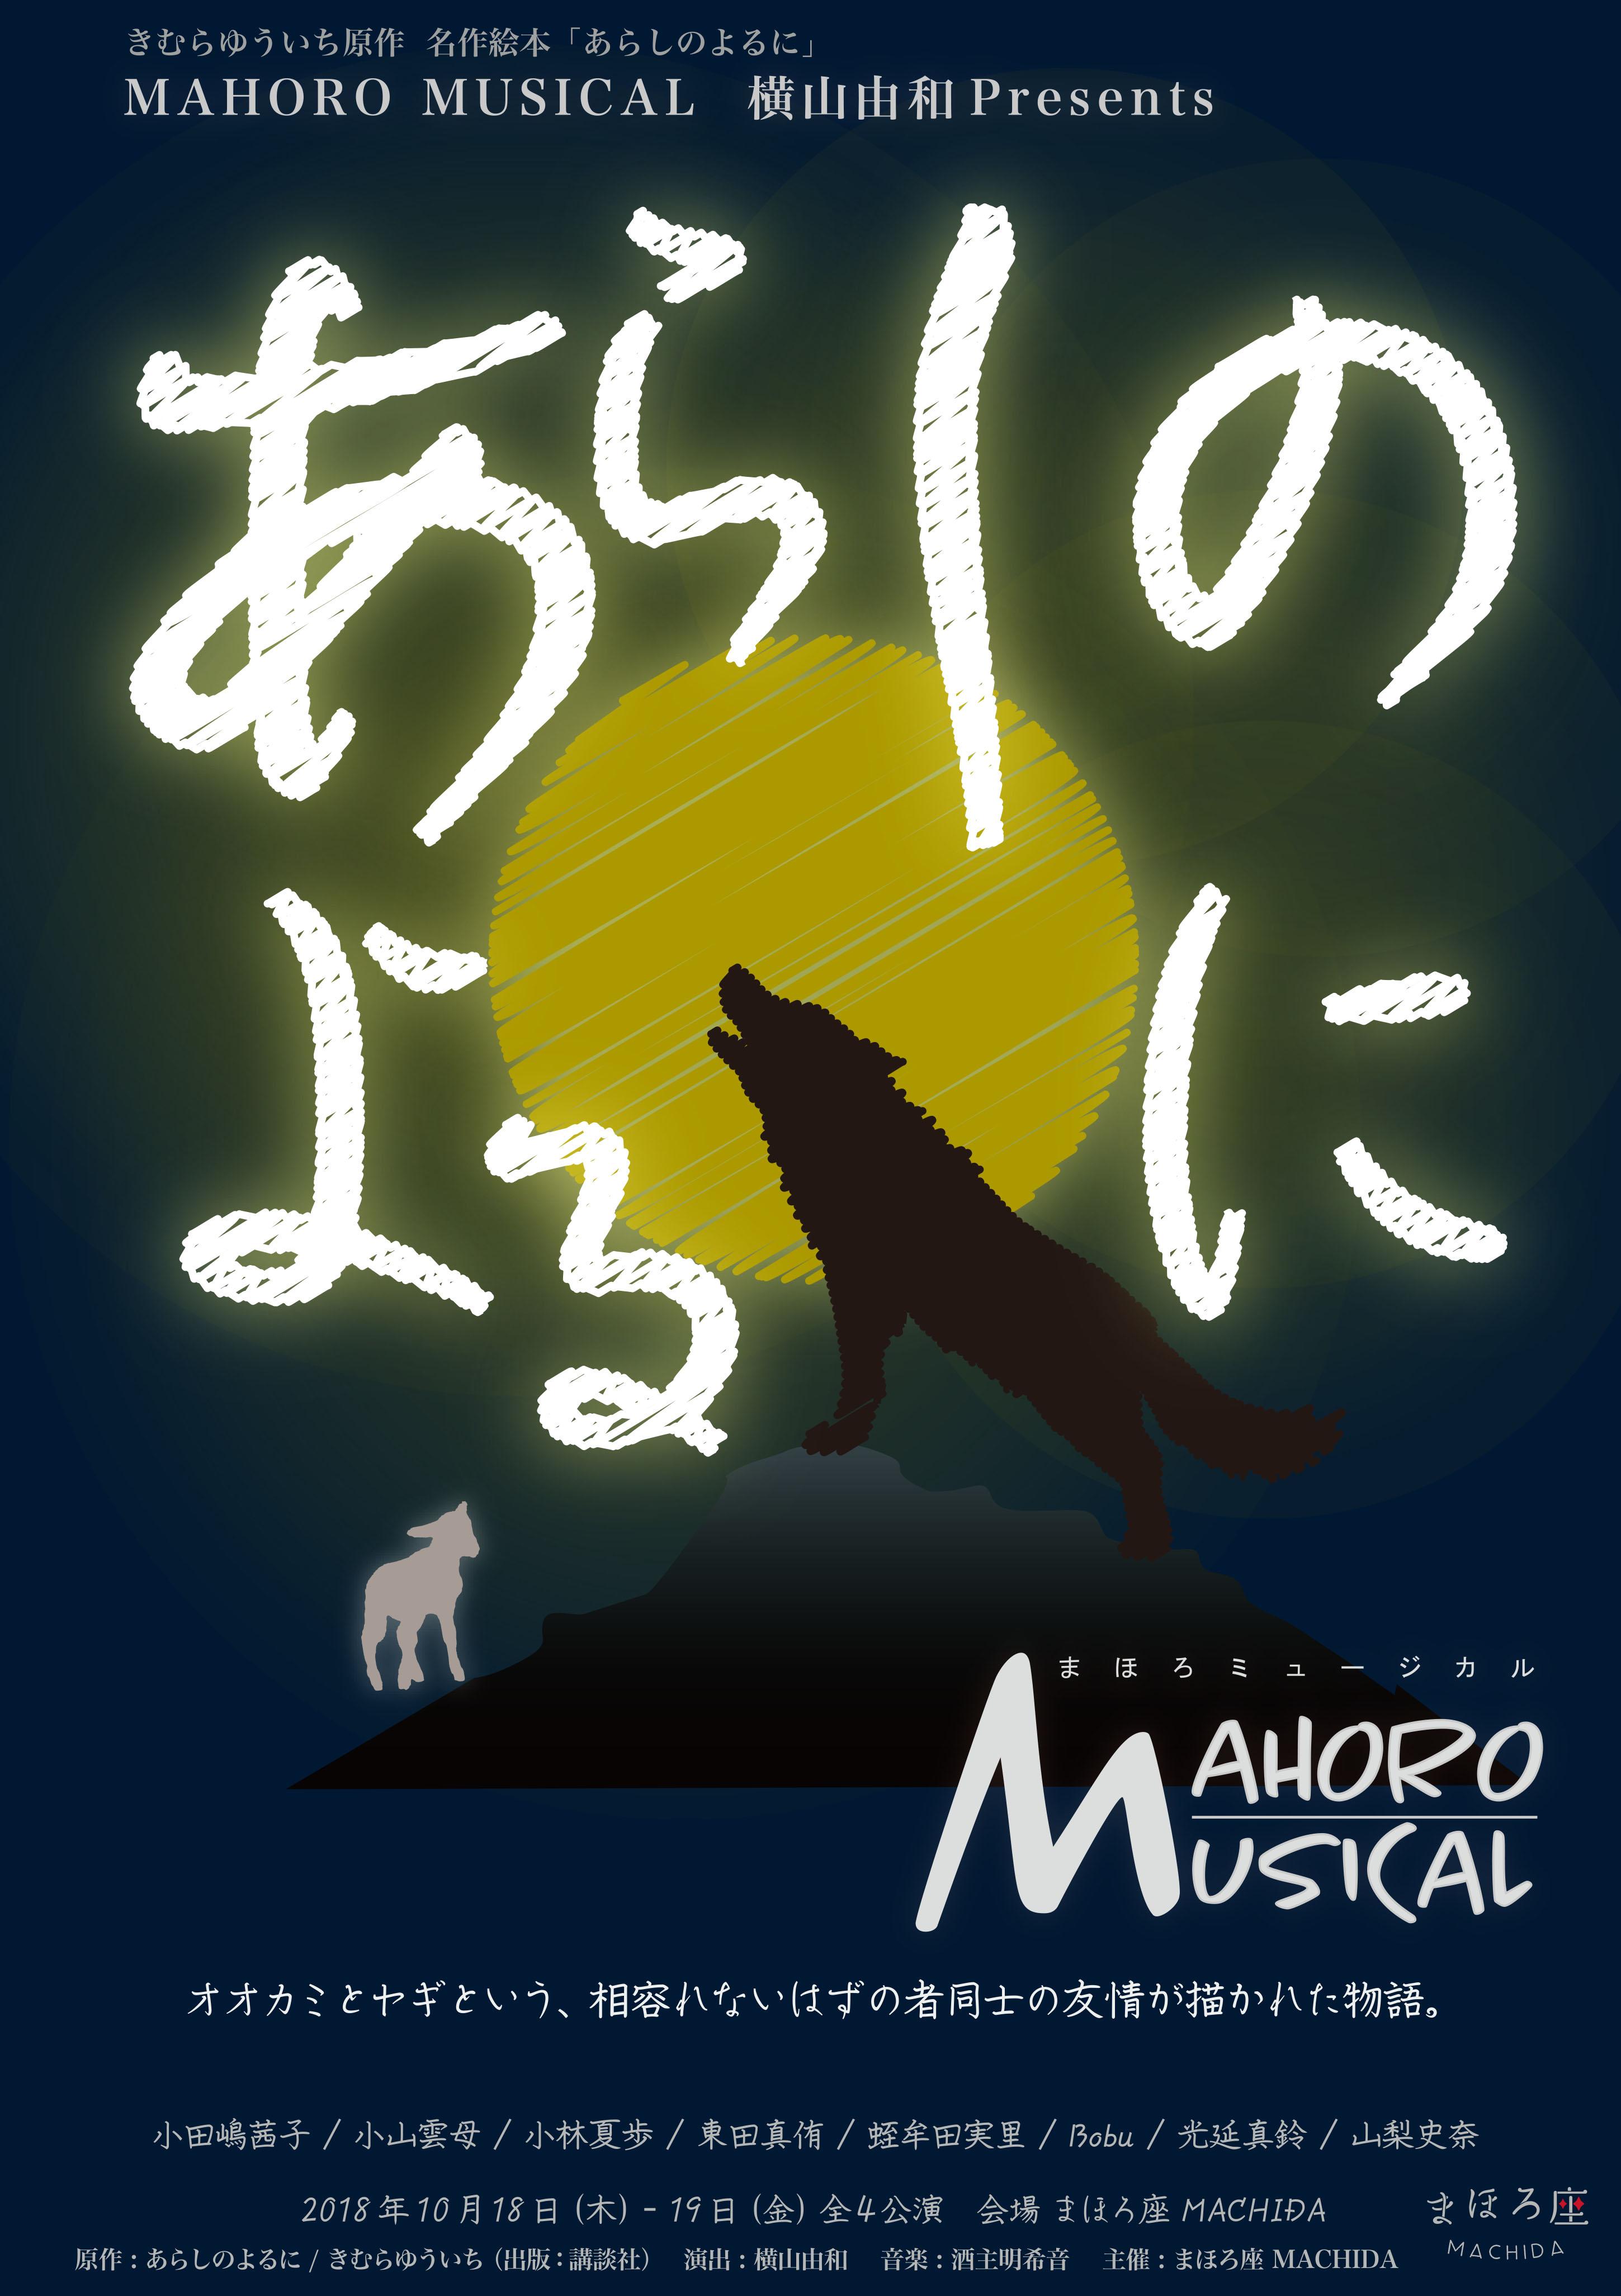 【19日昼】MAHORO MUSICAL 横山由和Presents 「あらしのよるに」